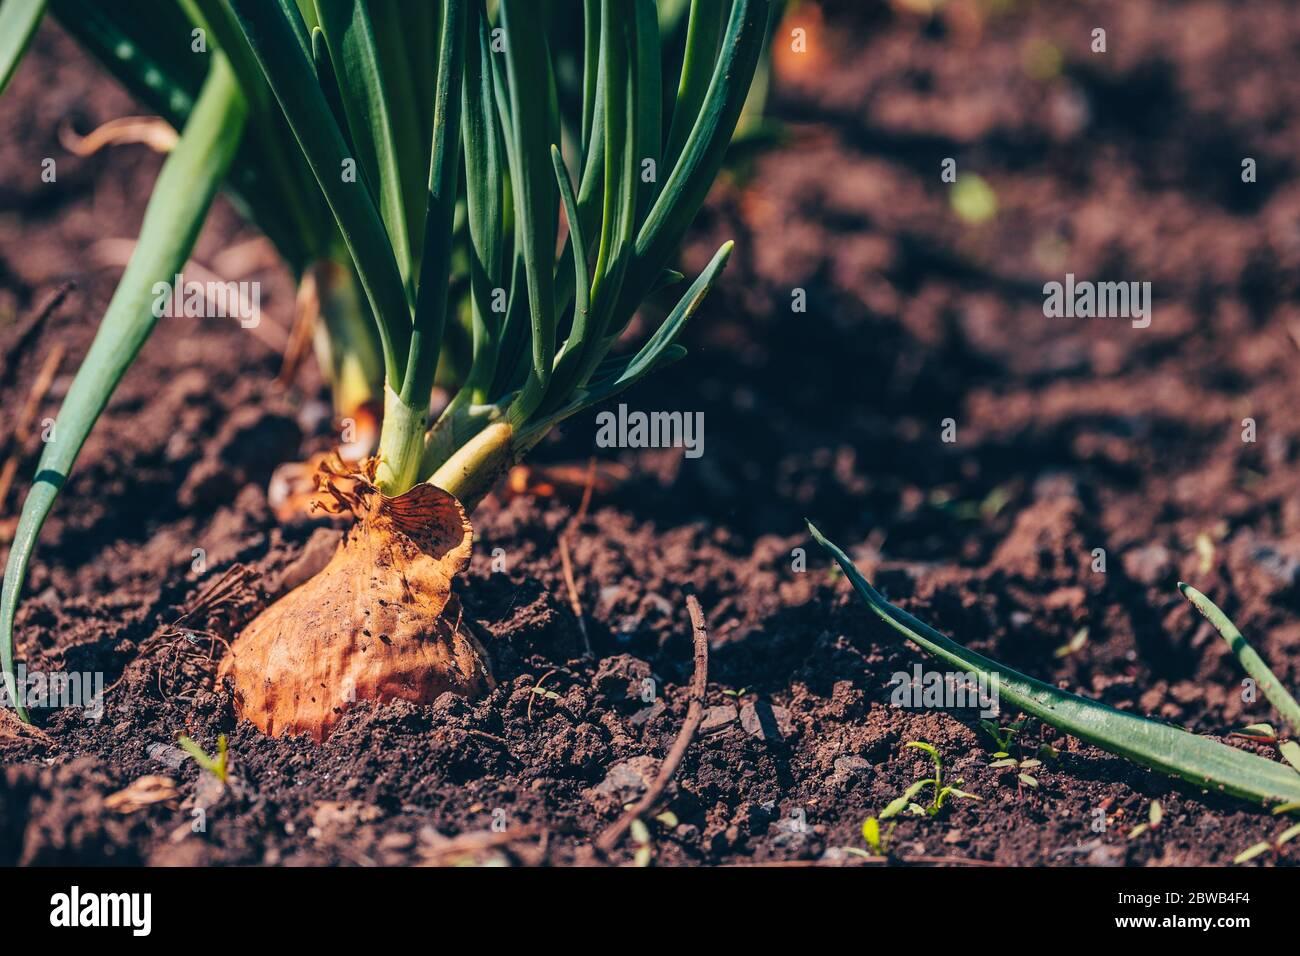 Primo piano di coltivazione della cipolla in giardino. Cipolla in fiore in terra. Concetto di spazio per il testo. Foto Stock